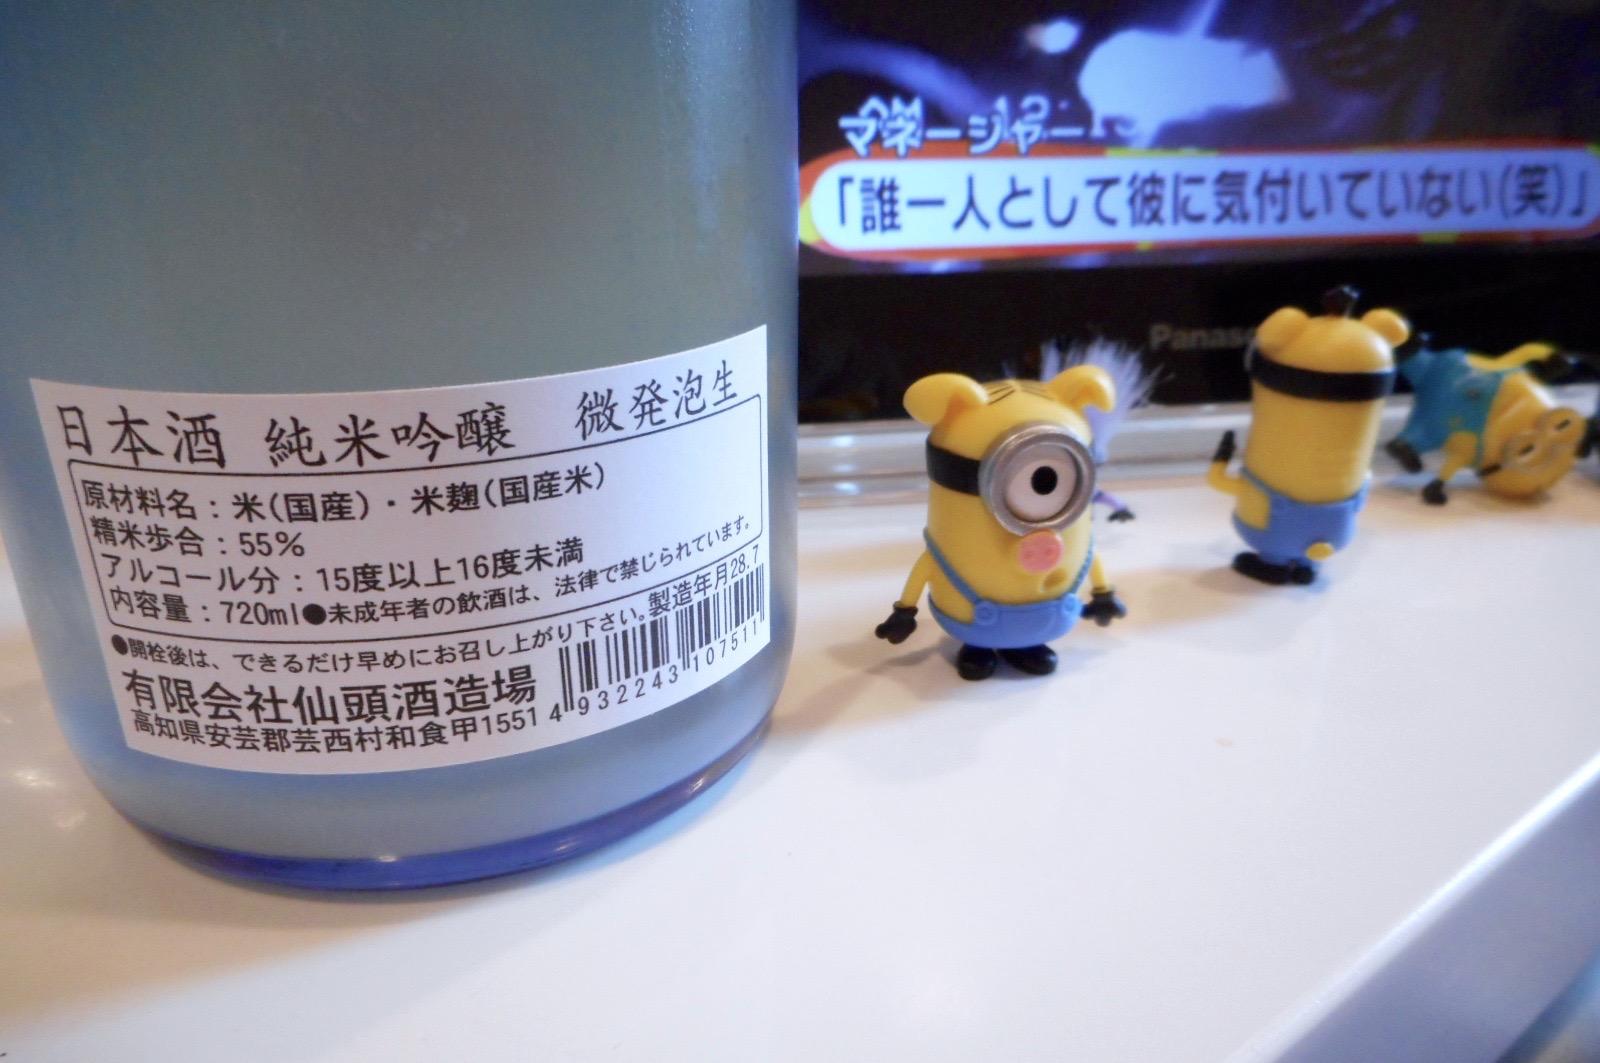 tosashiragiku_bihappo27by2.jpg